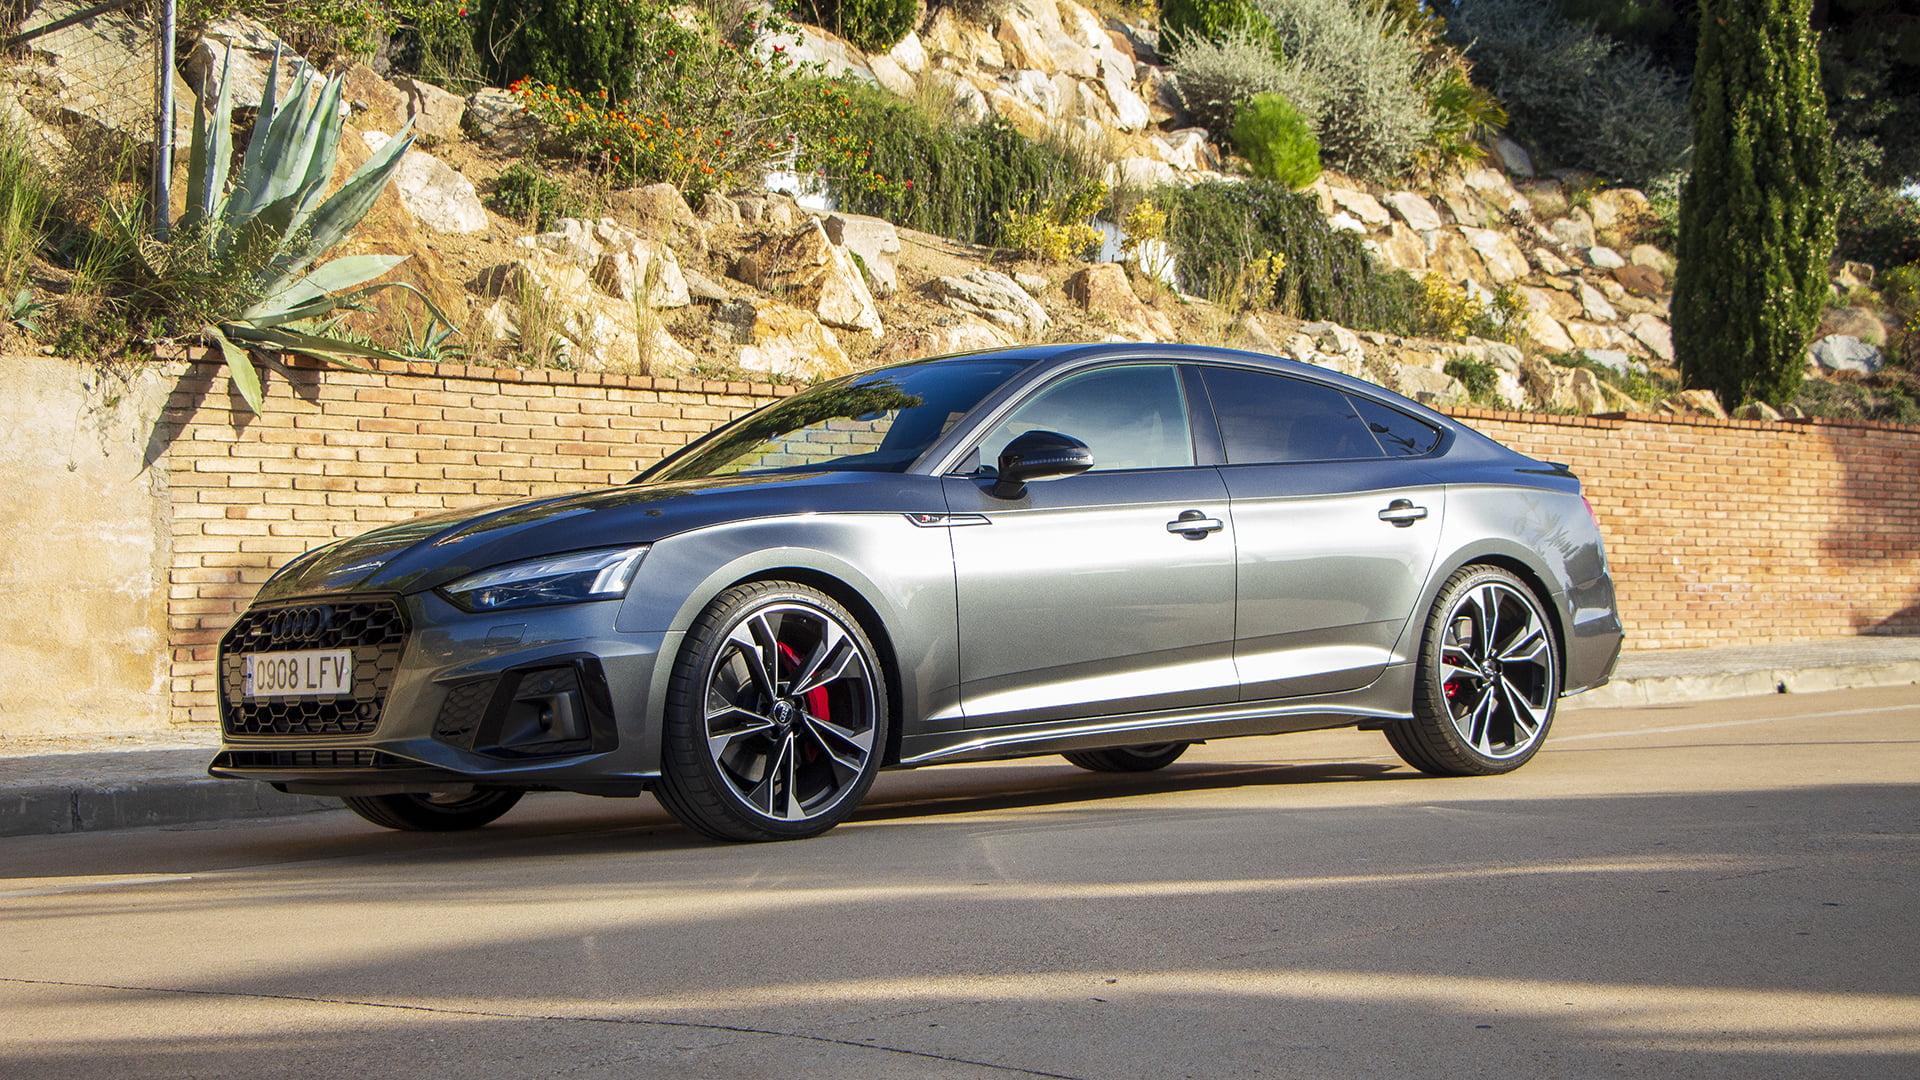 El Audi A5 Sporback sorprende a primera vista.